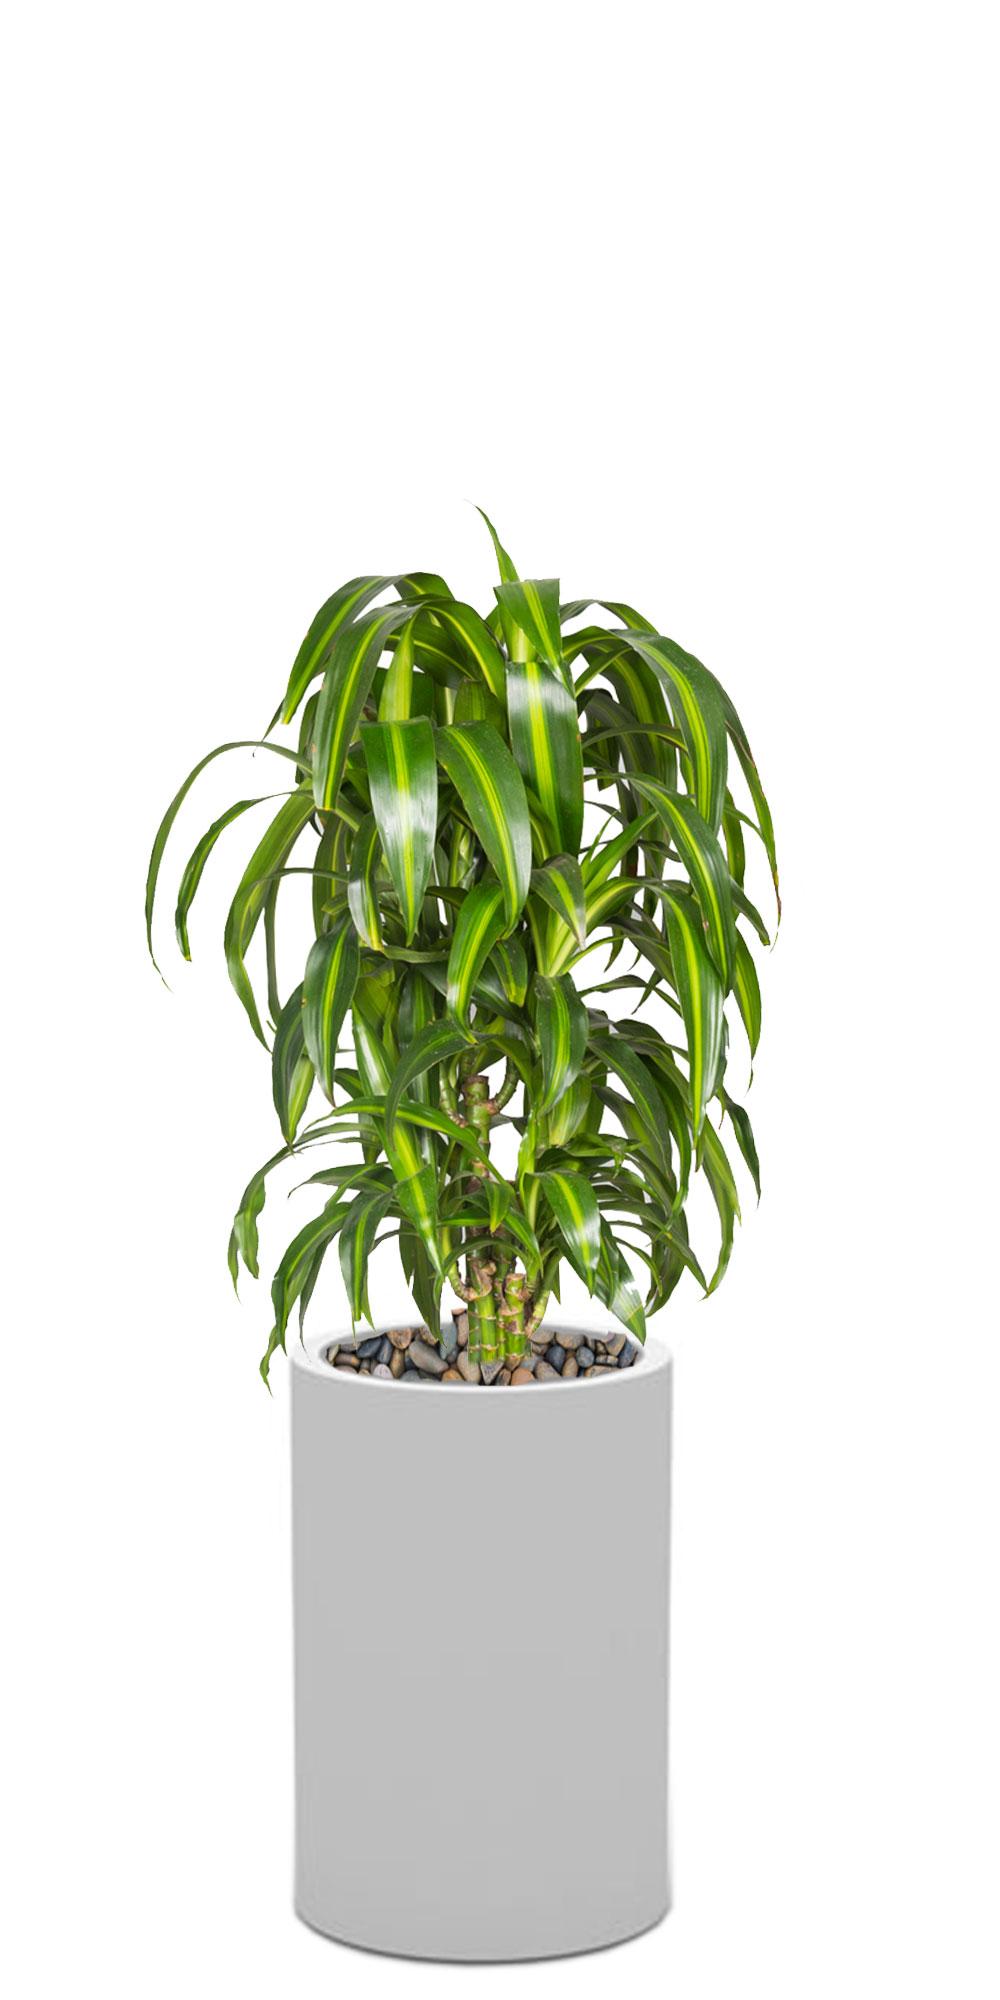 drachenbaum zimmerpflanzen 2bloom. Black Bedroom Furniture Sets. Home Design Ideas